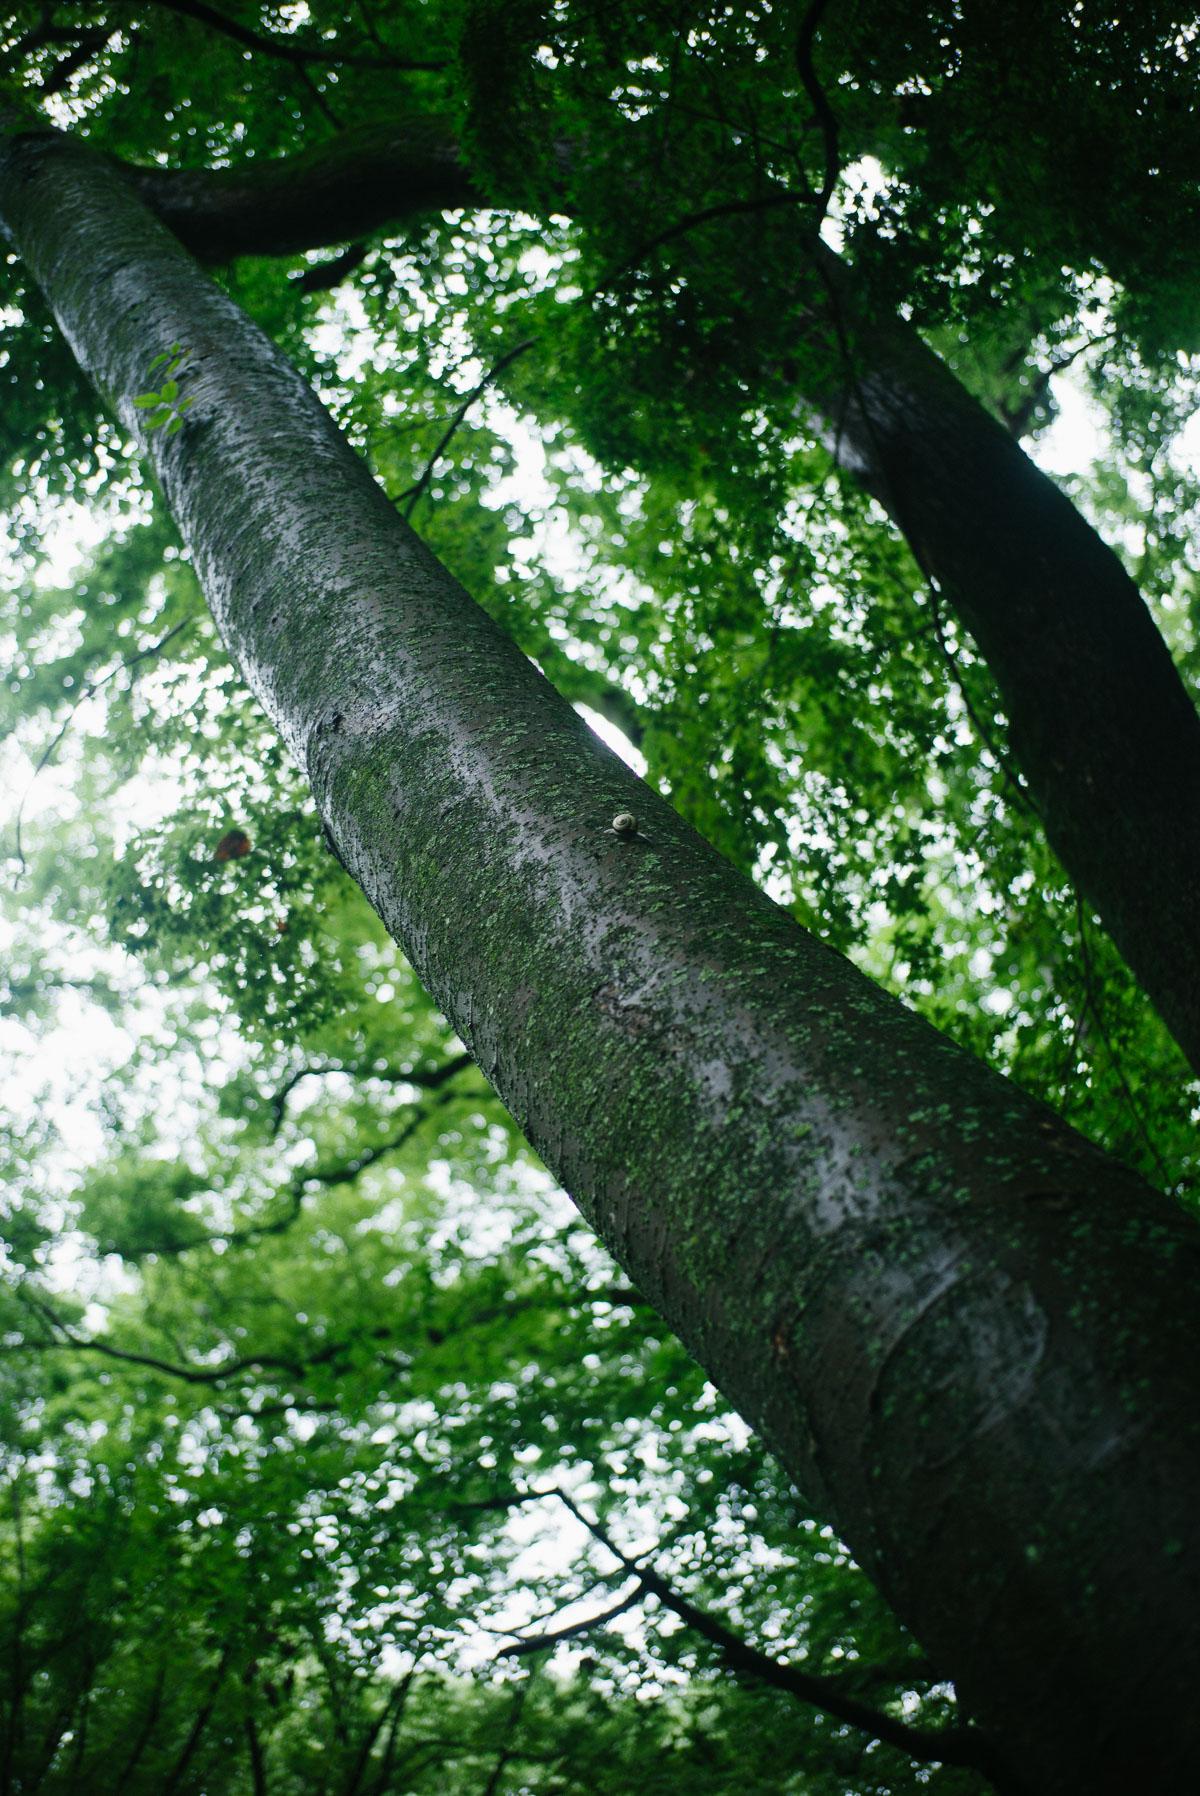 高いところまで木を登っているカタツムリ